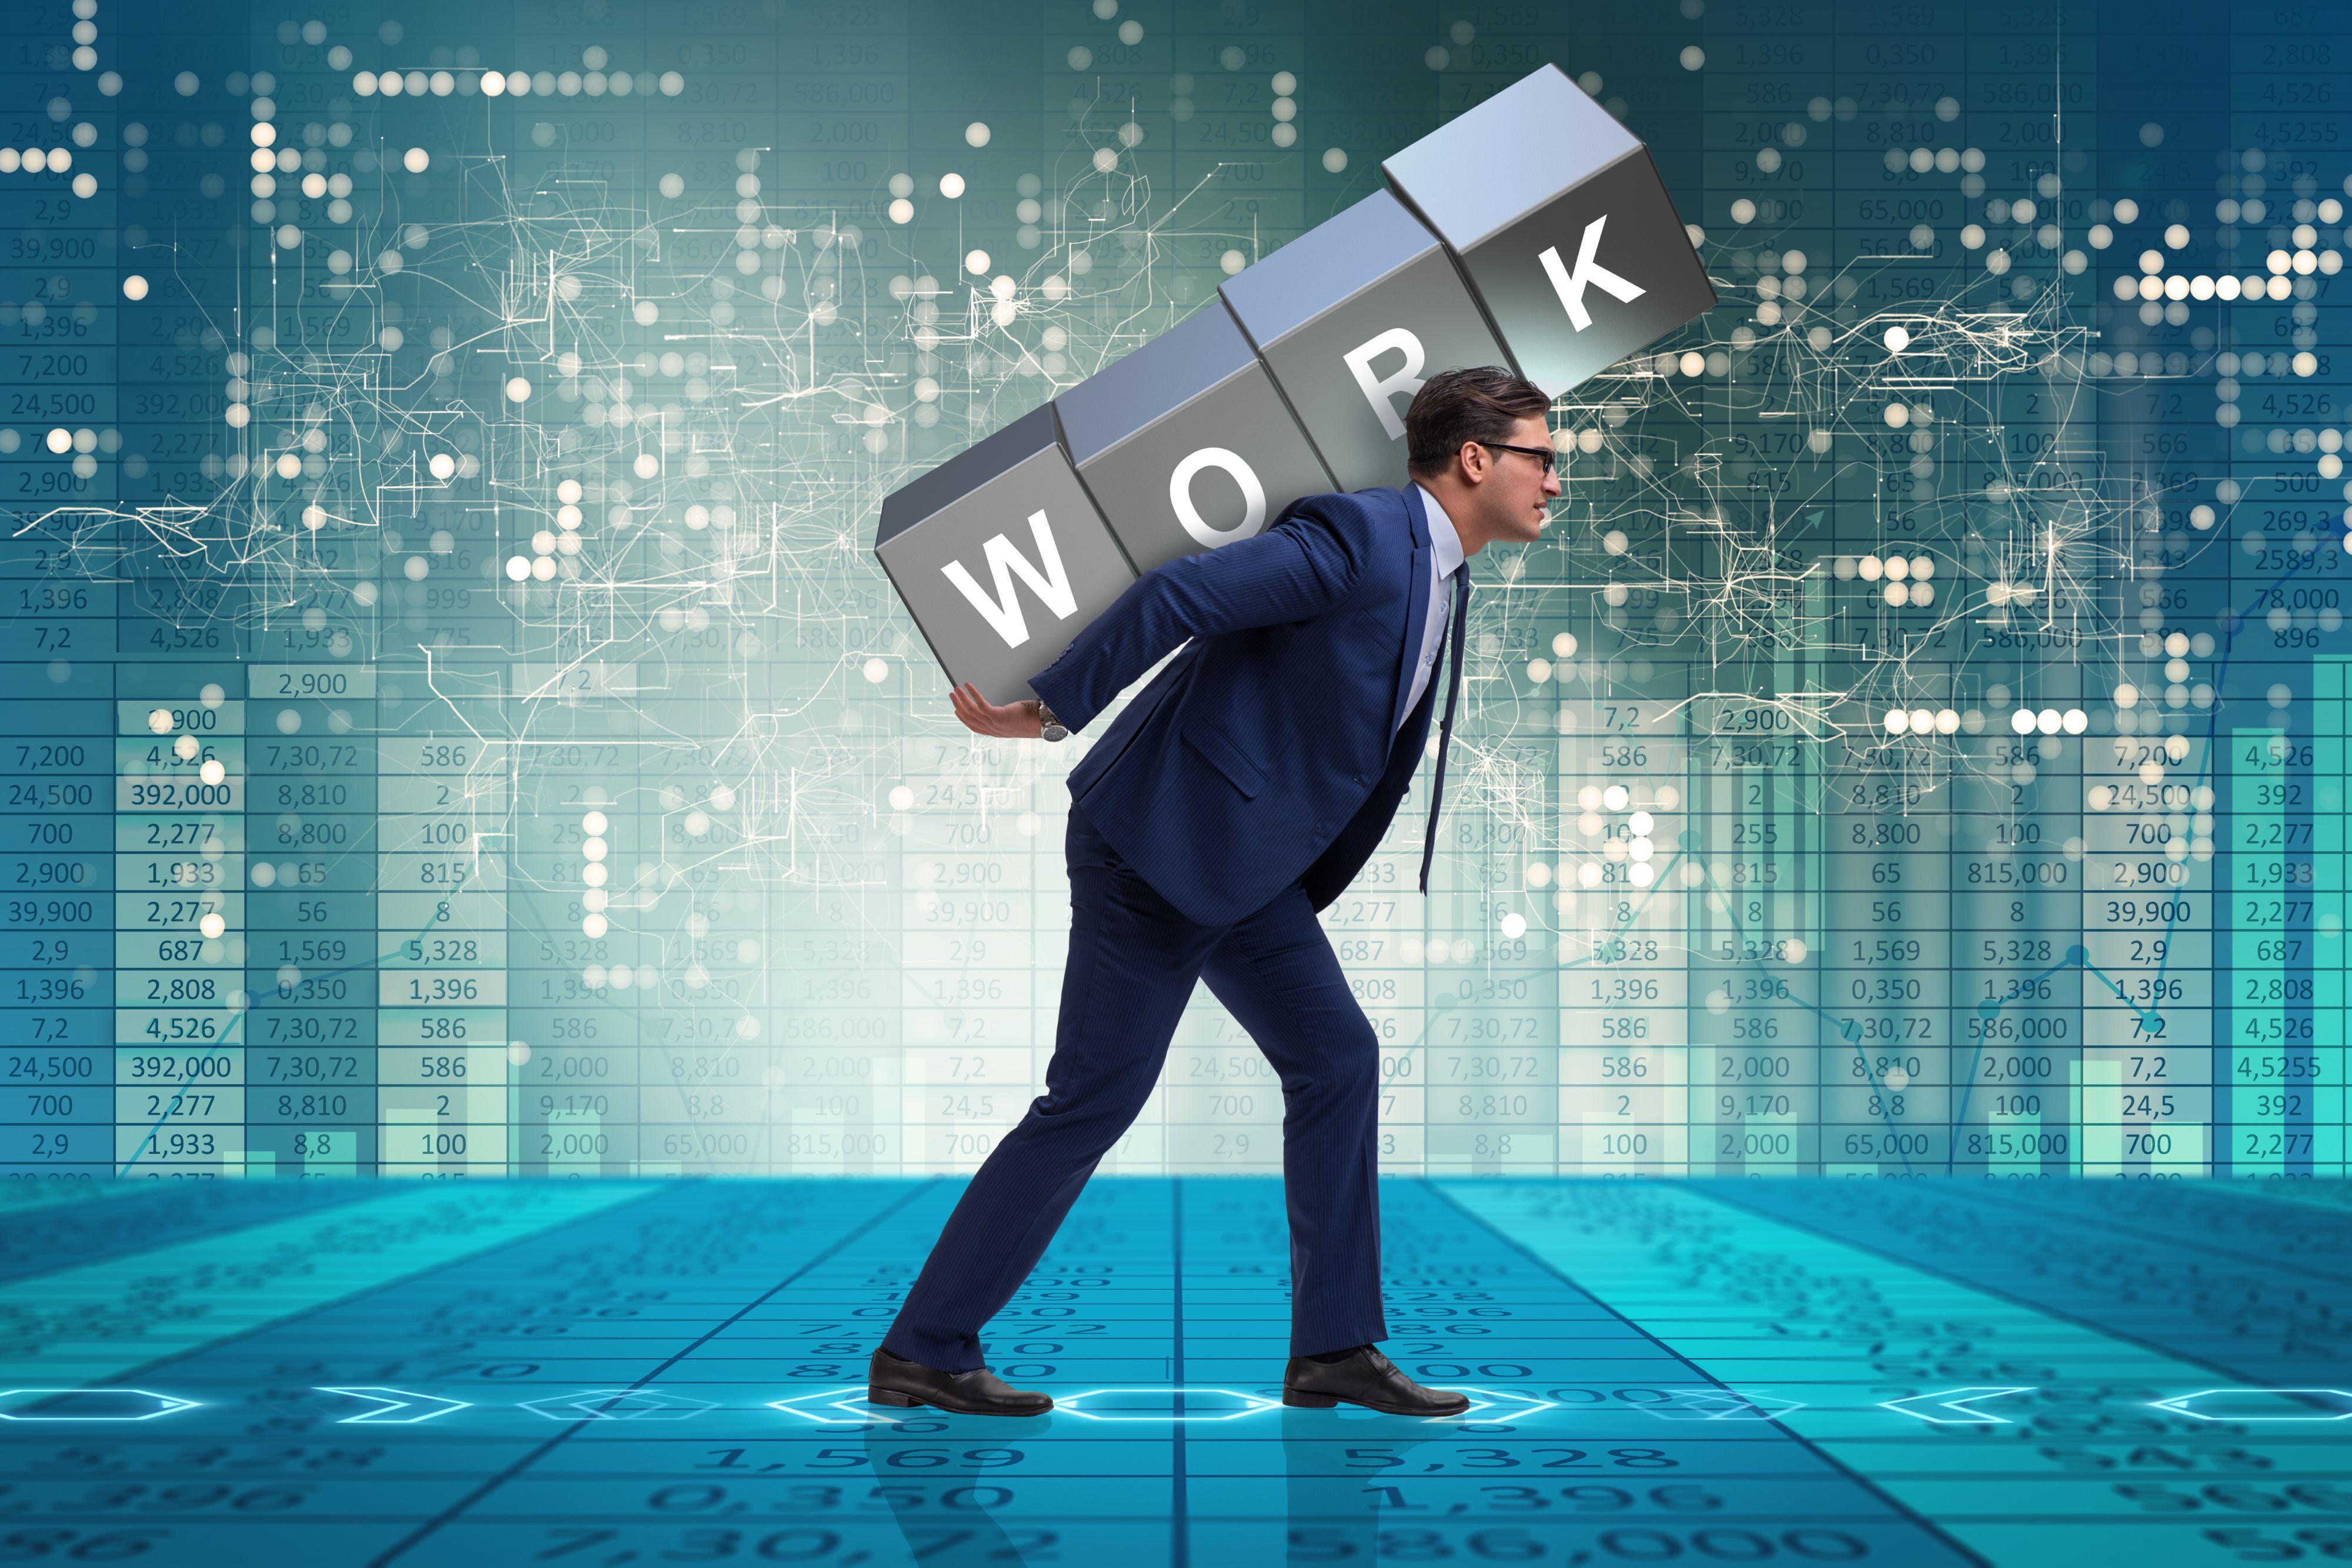 Koniecznym warunkiem do rozwoju wypalenia jest występowanie stresu, a to, co zmniejsza stres, to lepsze dopasowanie osoby do wykonywanej pracy. (Fot. Shutterstock)